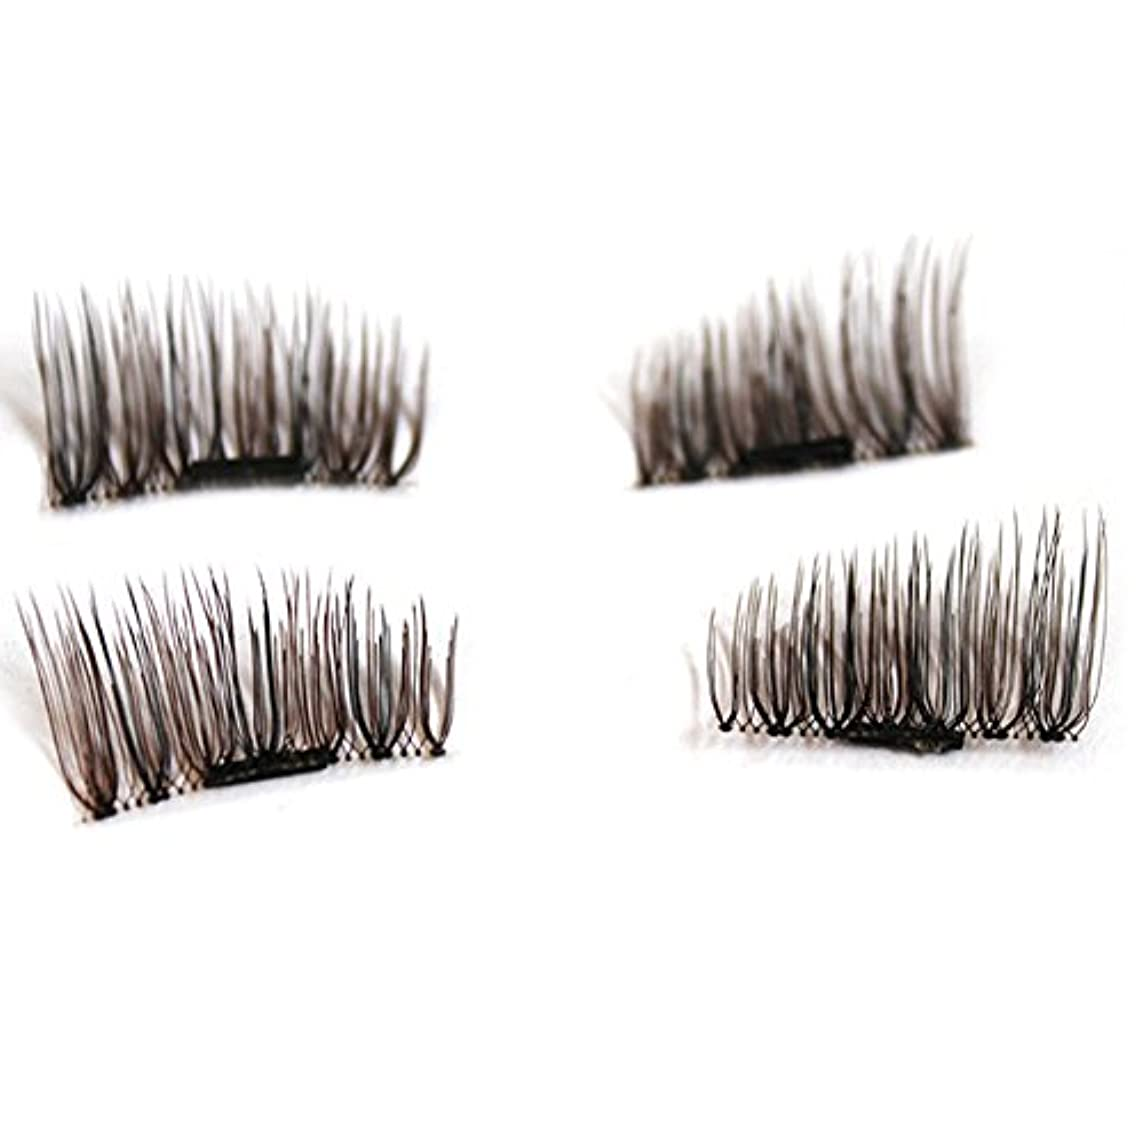 までジャム障害者Cozyrom 2ペアセット つけまつげ 磁気 3D マグネット 付け睫毛 長い 再利用可能 濃密 簡単に装着 手作り